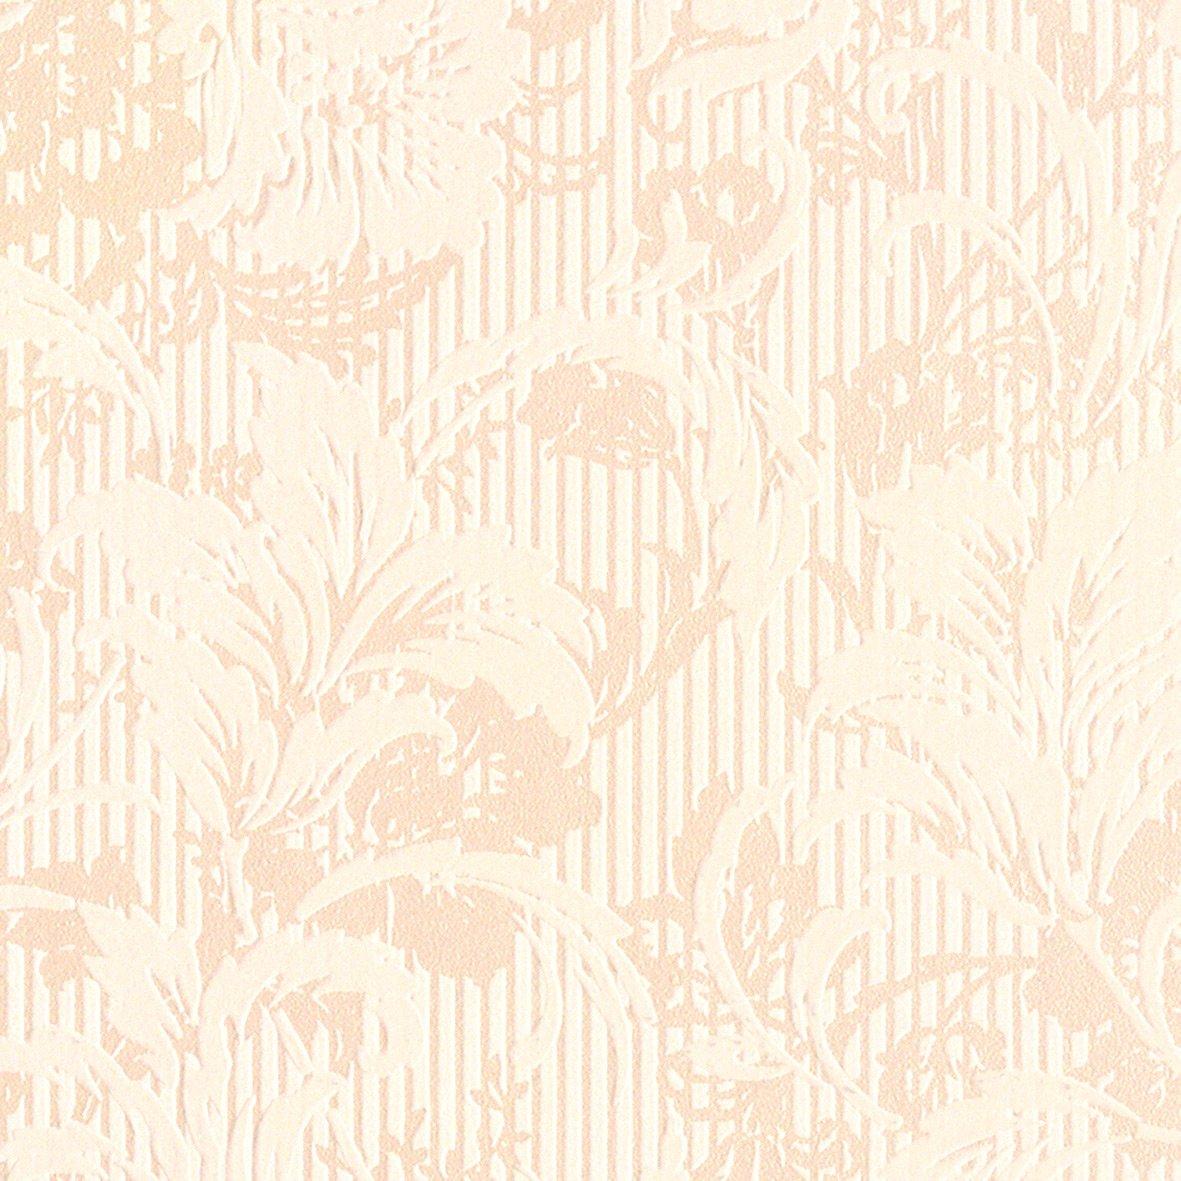 リリカラ 壁紙25m フェミニン 花柄 ベージュ 水廻り LV-6237 B01IHQTIFQ 25m|ベージュ